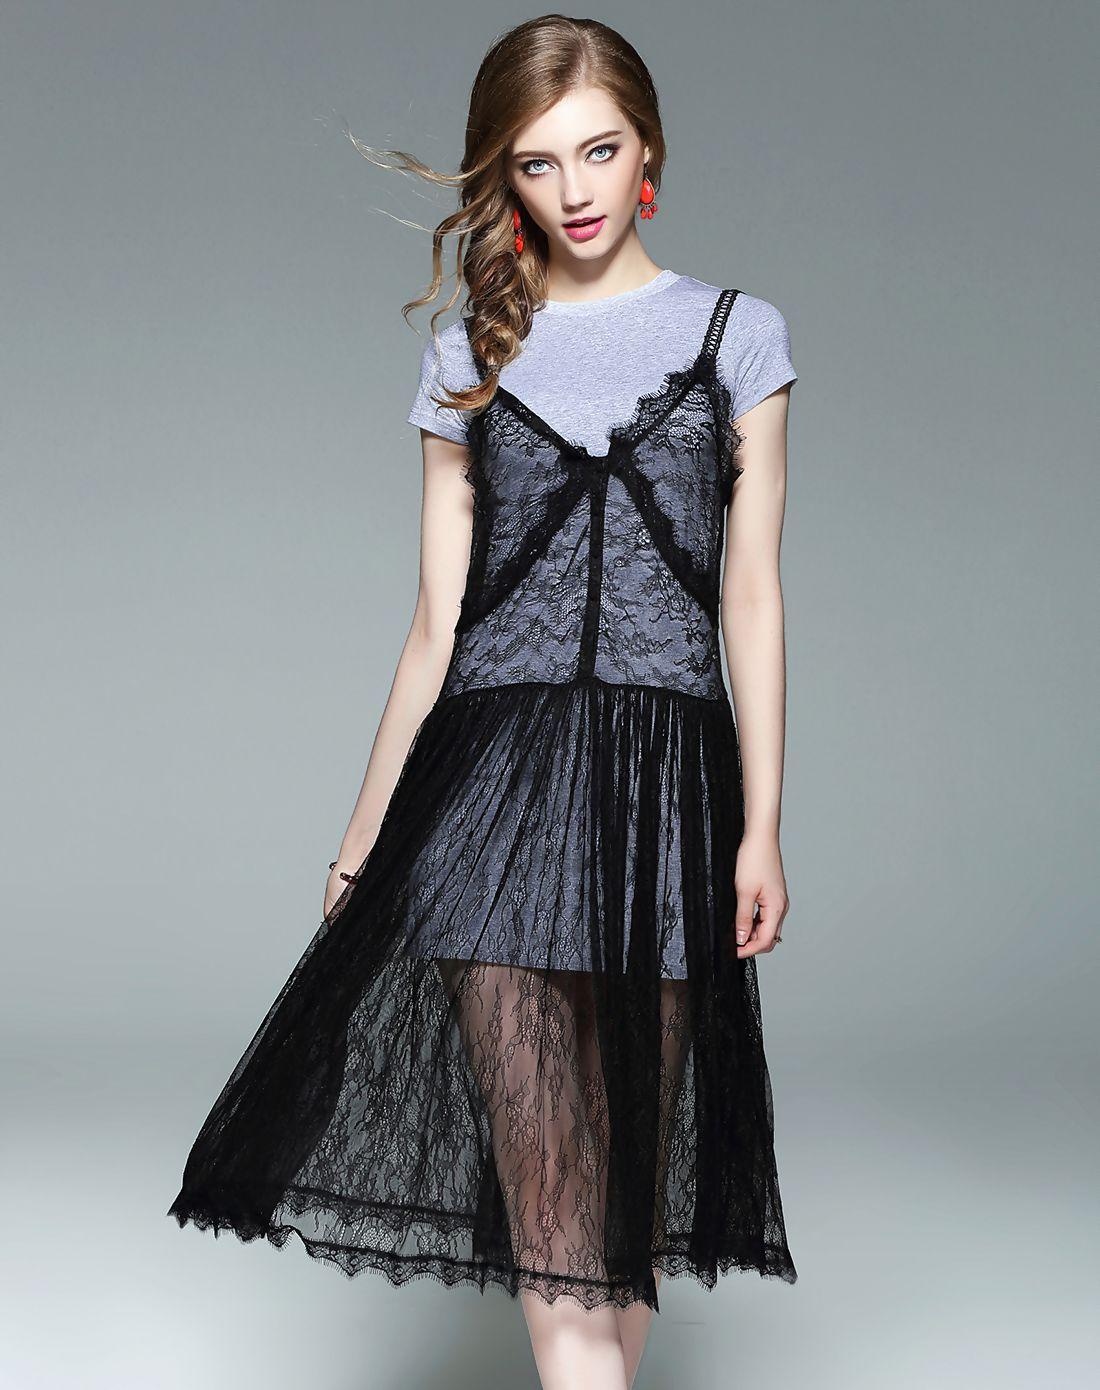 Adorewe vipme aline dressesdesigner wei guo yue crew neck